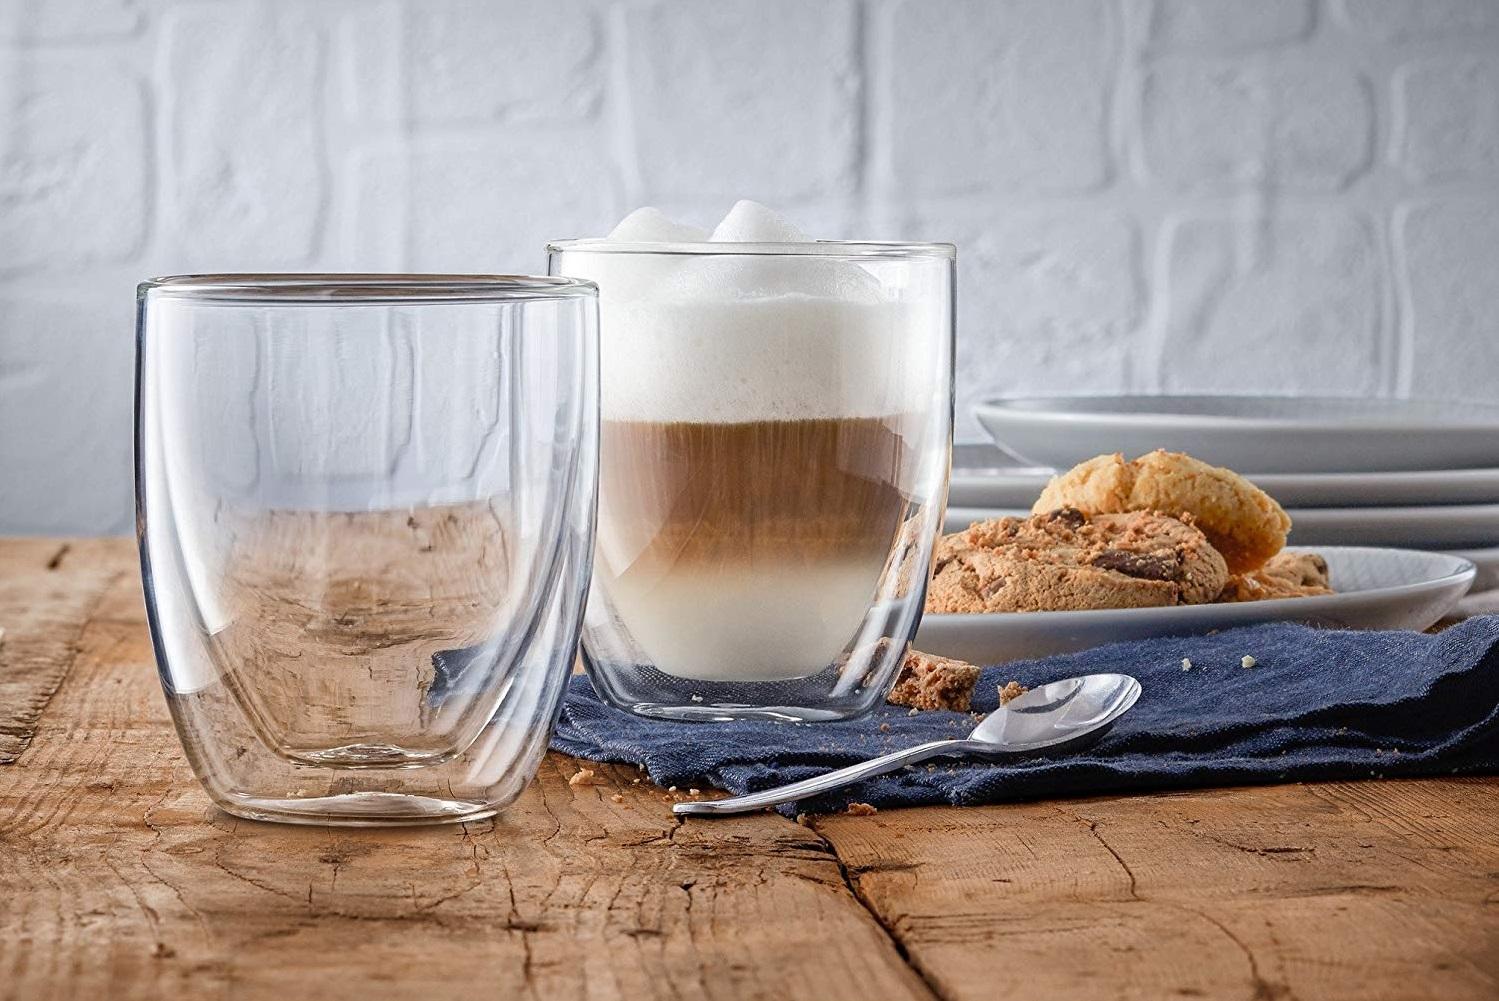 Фото кофе в стакане